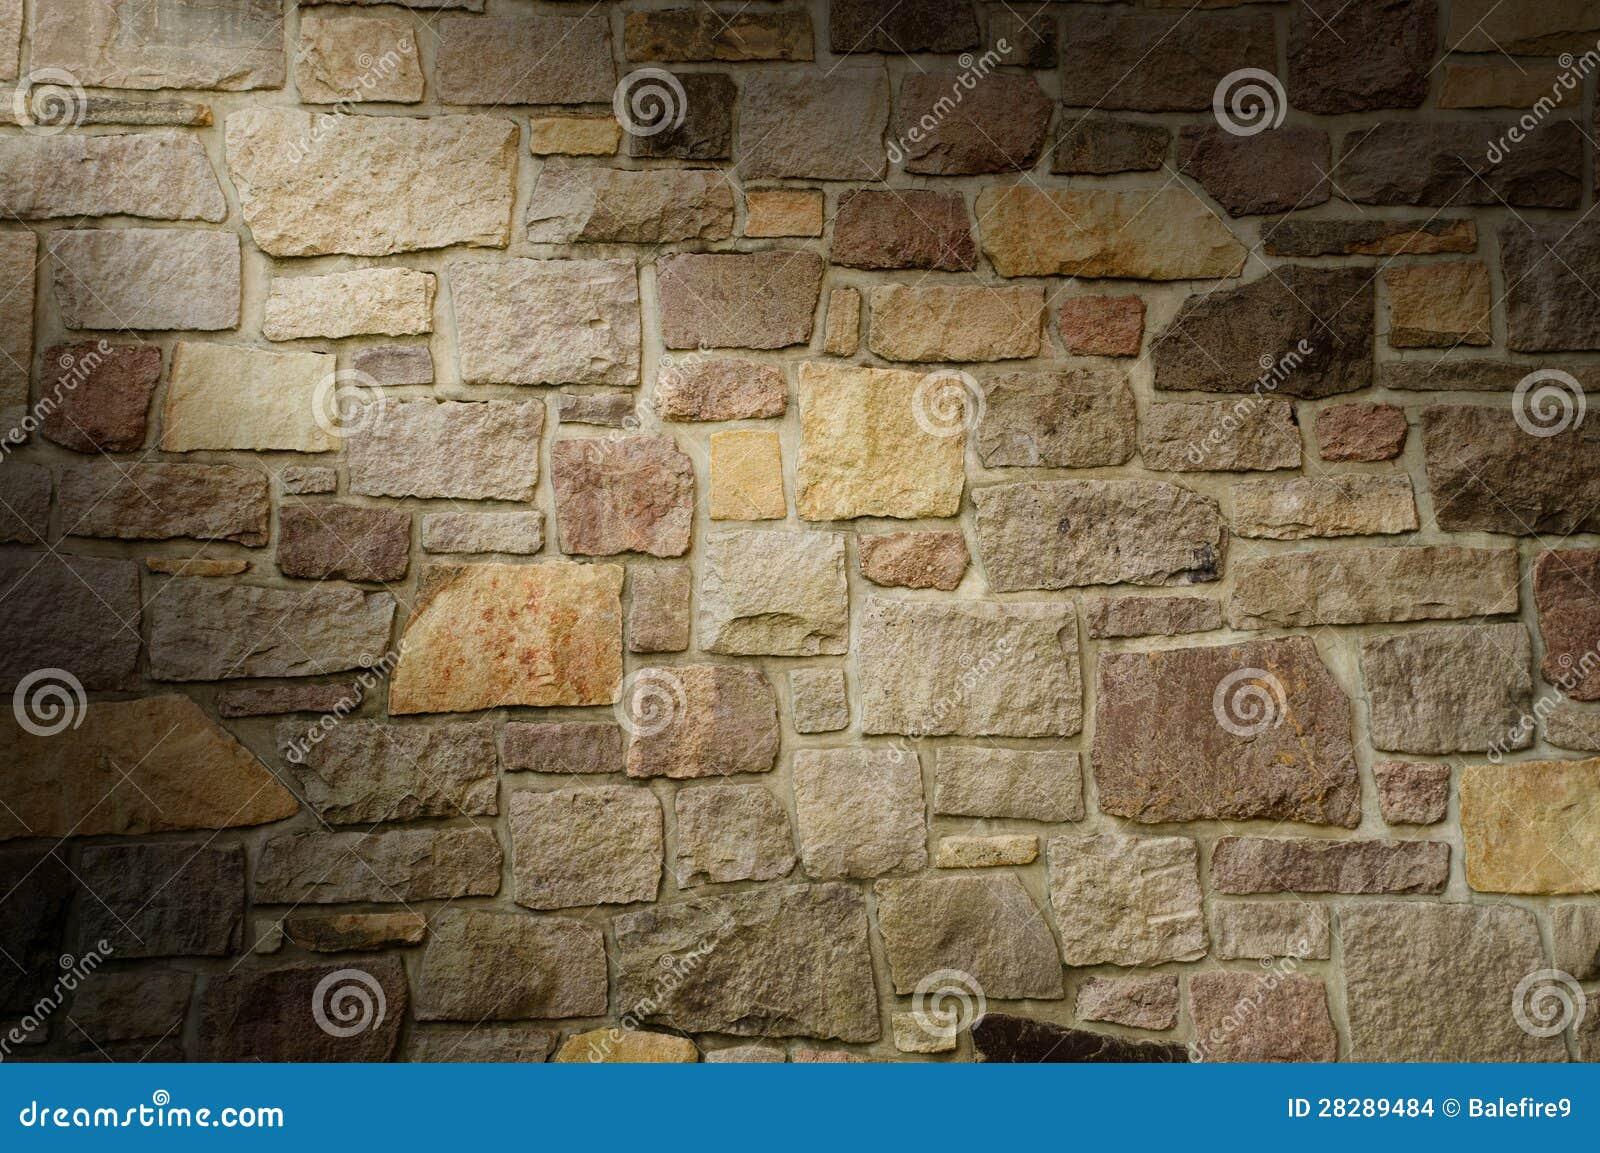 De muur van het metselwerk van multicolored lit van de steen diagonaal stock afbeeldingen - Muur steen duidelijk ...